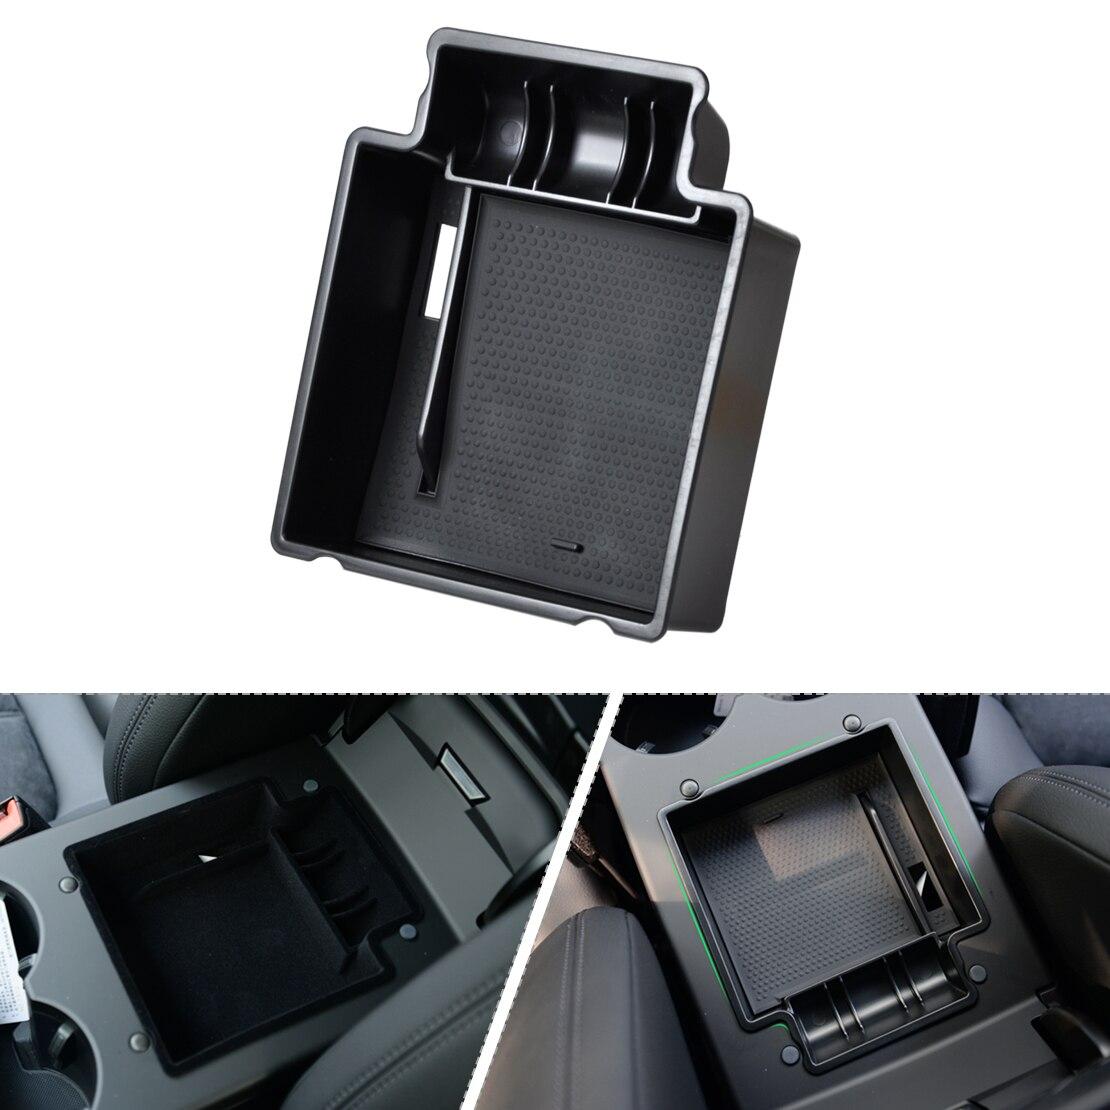 DWCX 1pc Car Glove Box Armrest Secondary Storage Box For Porsche Macan 2006 2007 2008 2009 2010 2011 2012 2013 2014 2015